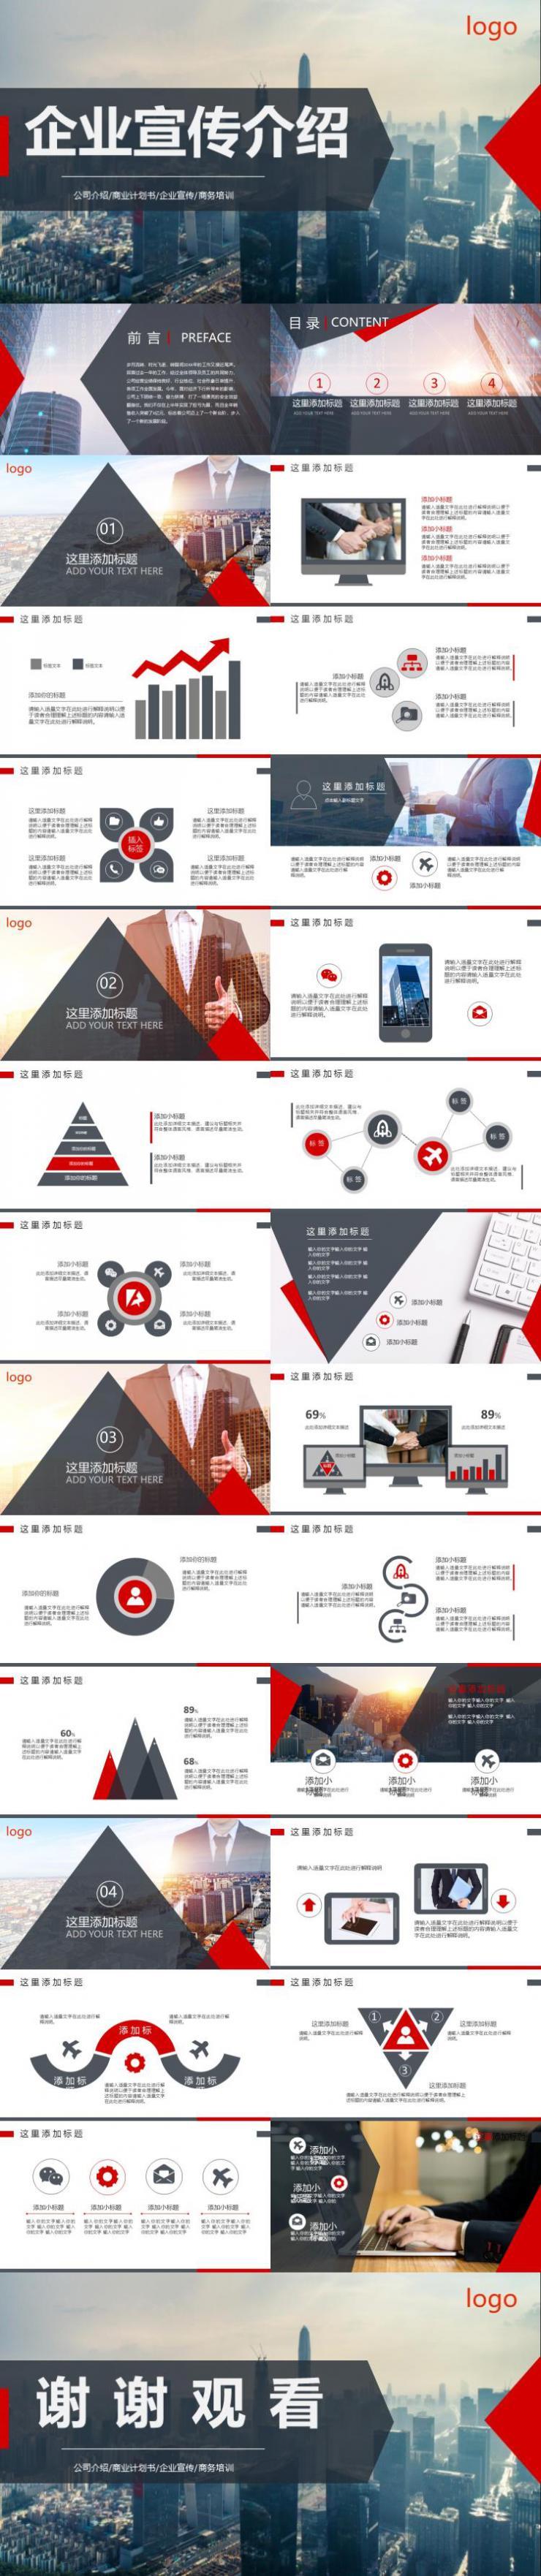 红色大气商务企业宣传介绍PPT模板